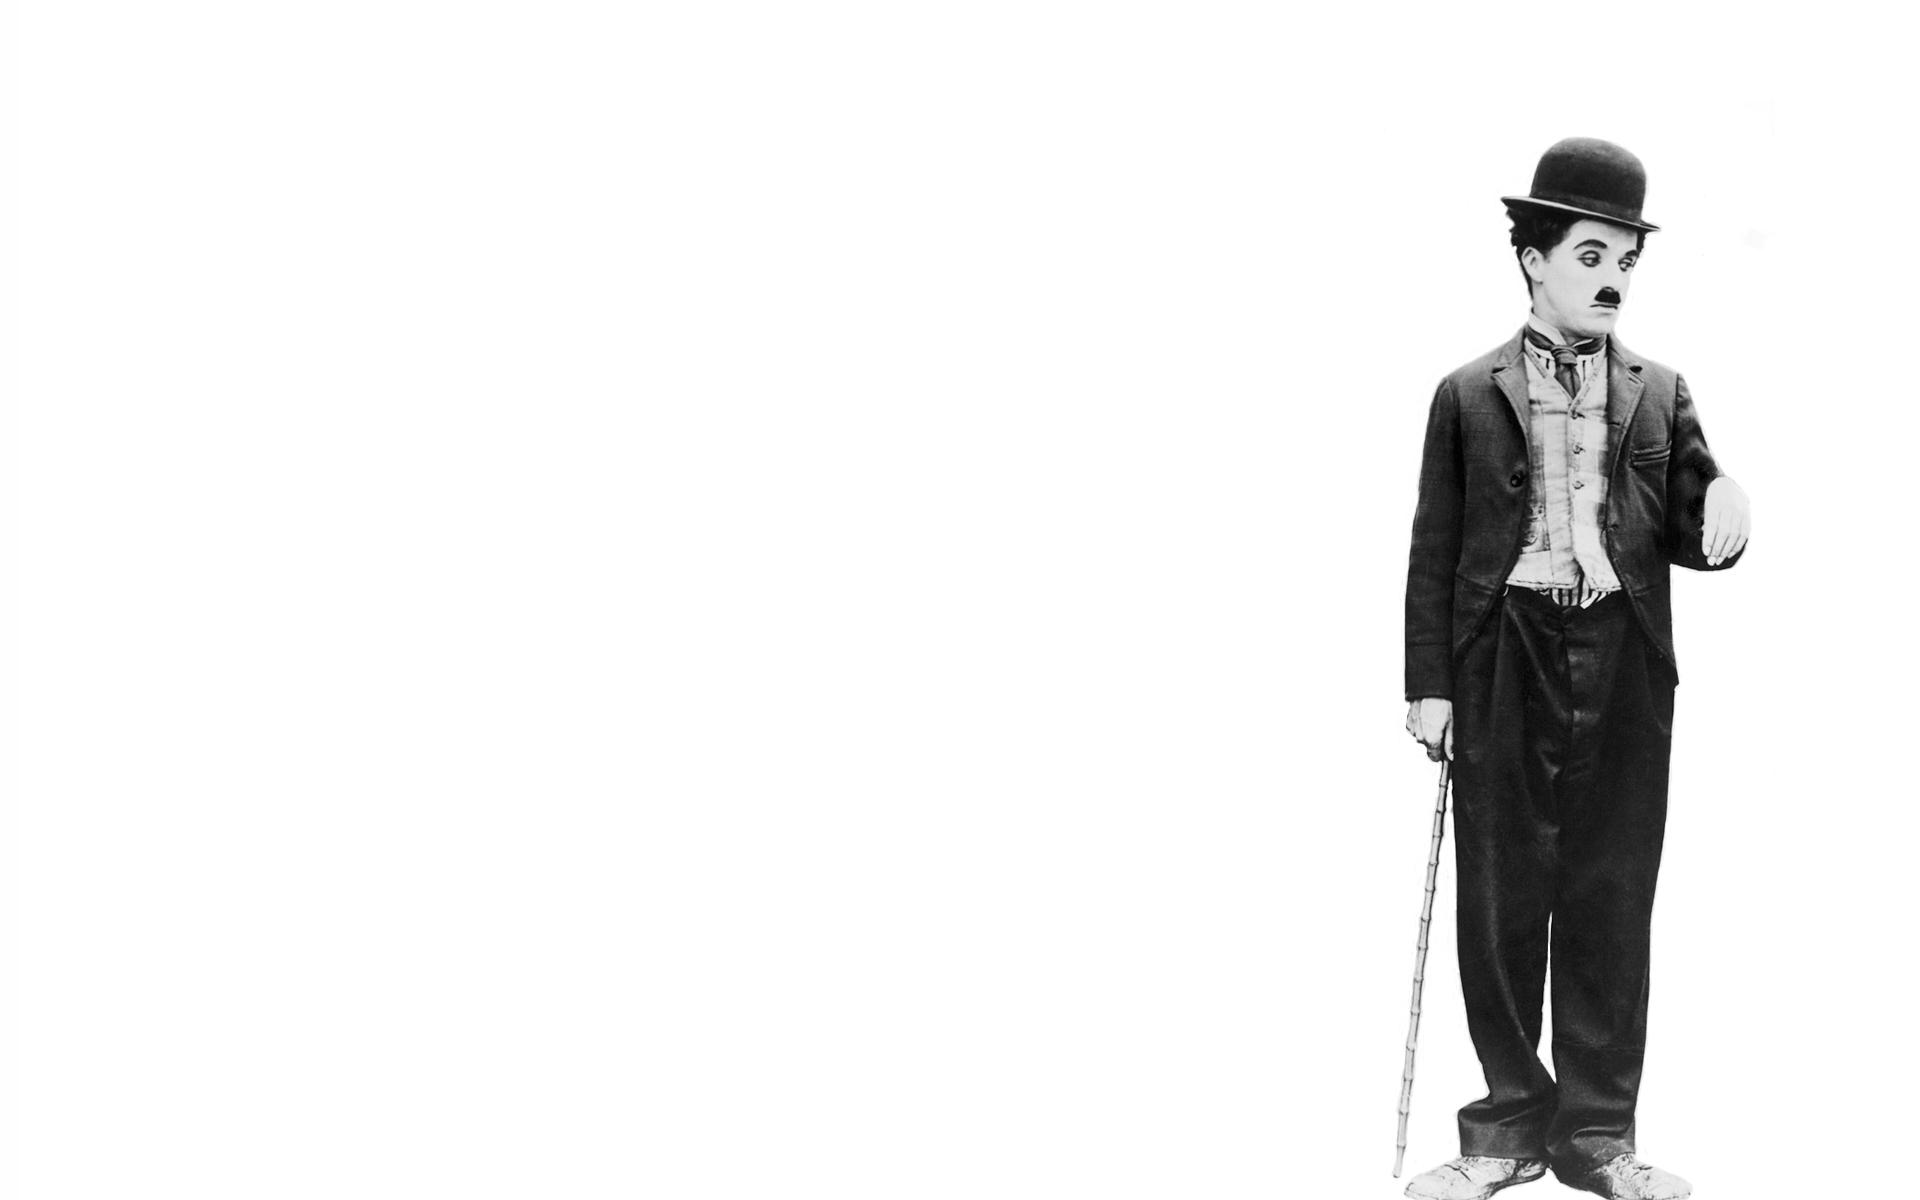 Който никога не е бил дете, никога няма да бъде и възрастен – и още мисли на Чаплин